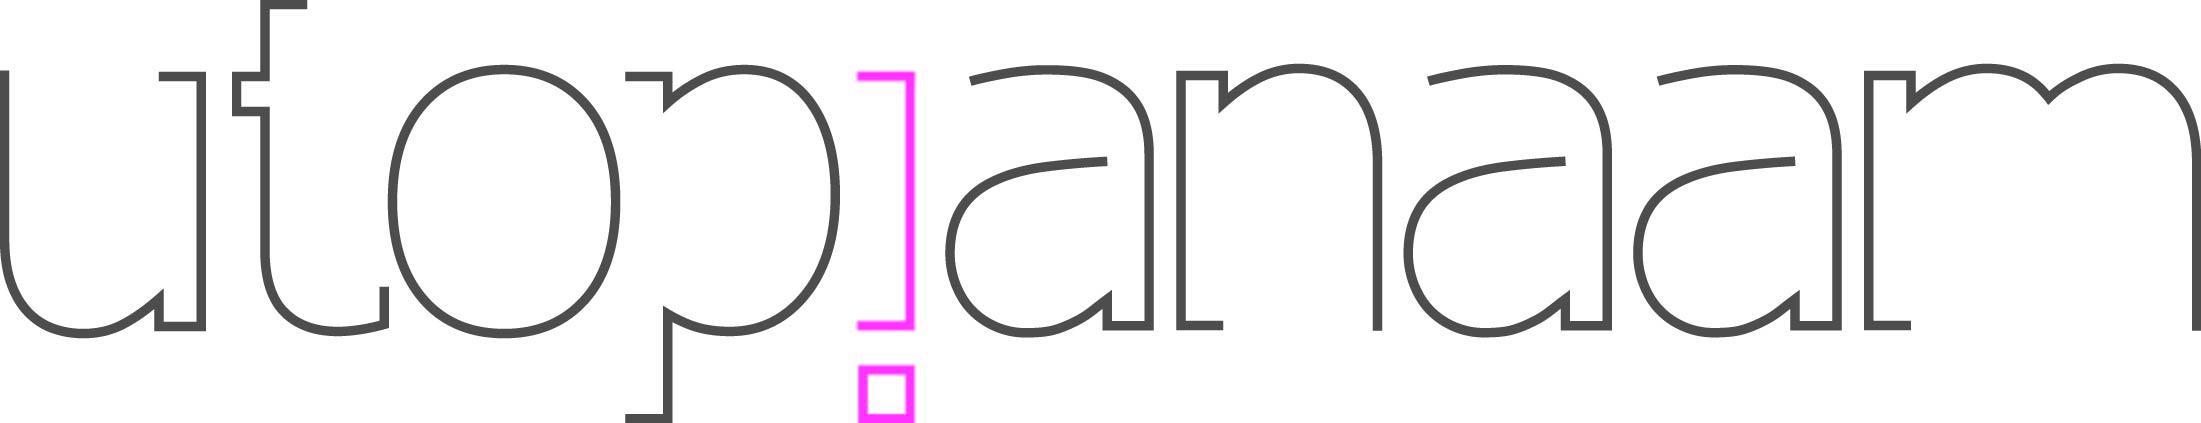 20131014043509-logo_utopiana_new